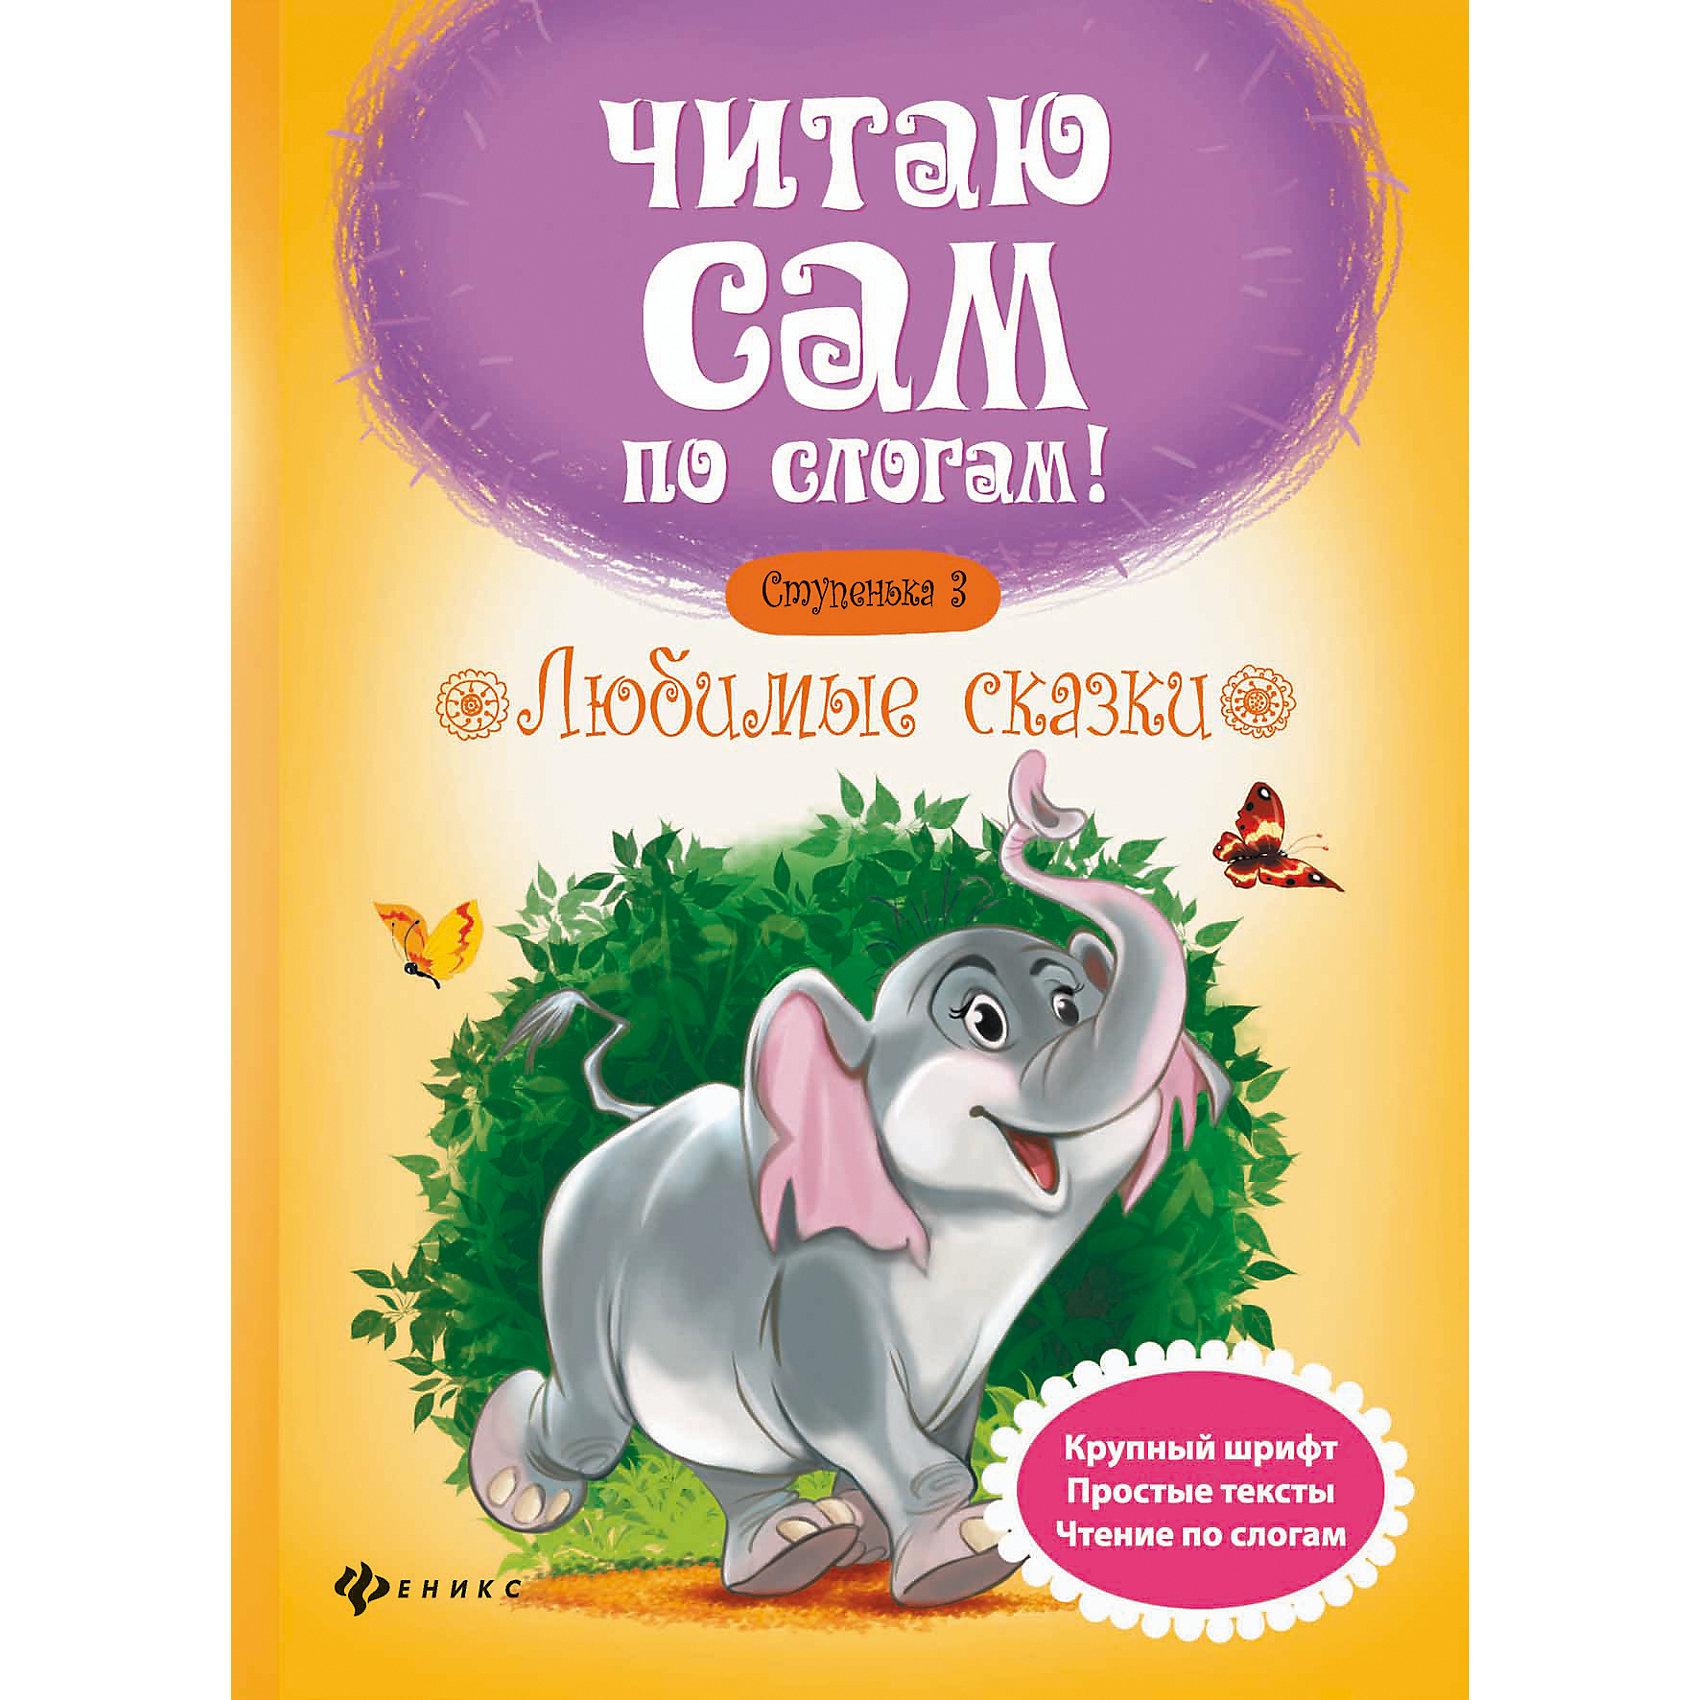 Любимые сказки Читаю сам по слогамАзбуки<br>Как научить ребёнка читать и показать, что это интересное и увлекательное занятие? Этот вопрос волнует всех родителей. Серия книг «Читаю сам по слогам!» как раз для тех малышей, которые делают первые шаги в чтении.<br><br>Ширина мм: 290<br>Глубина мм: 205<br>Высота мм: 2<br>Вес г: 69<br>Возраст от месяцев: 12<br>Возраст до месяцев: 60<br>Пол: Унисекс<br>Возраст: Детский<br>SKU: 5120070